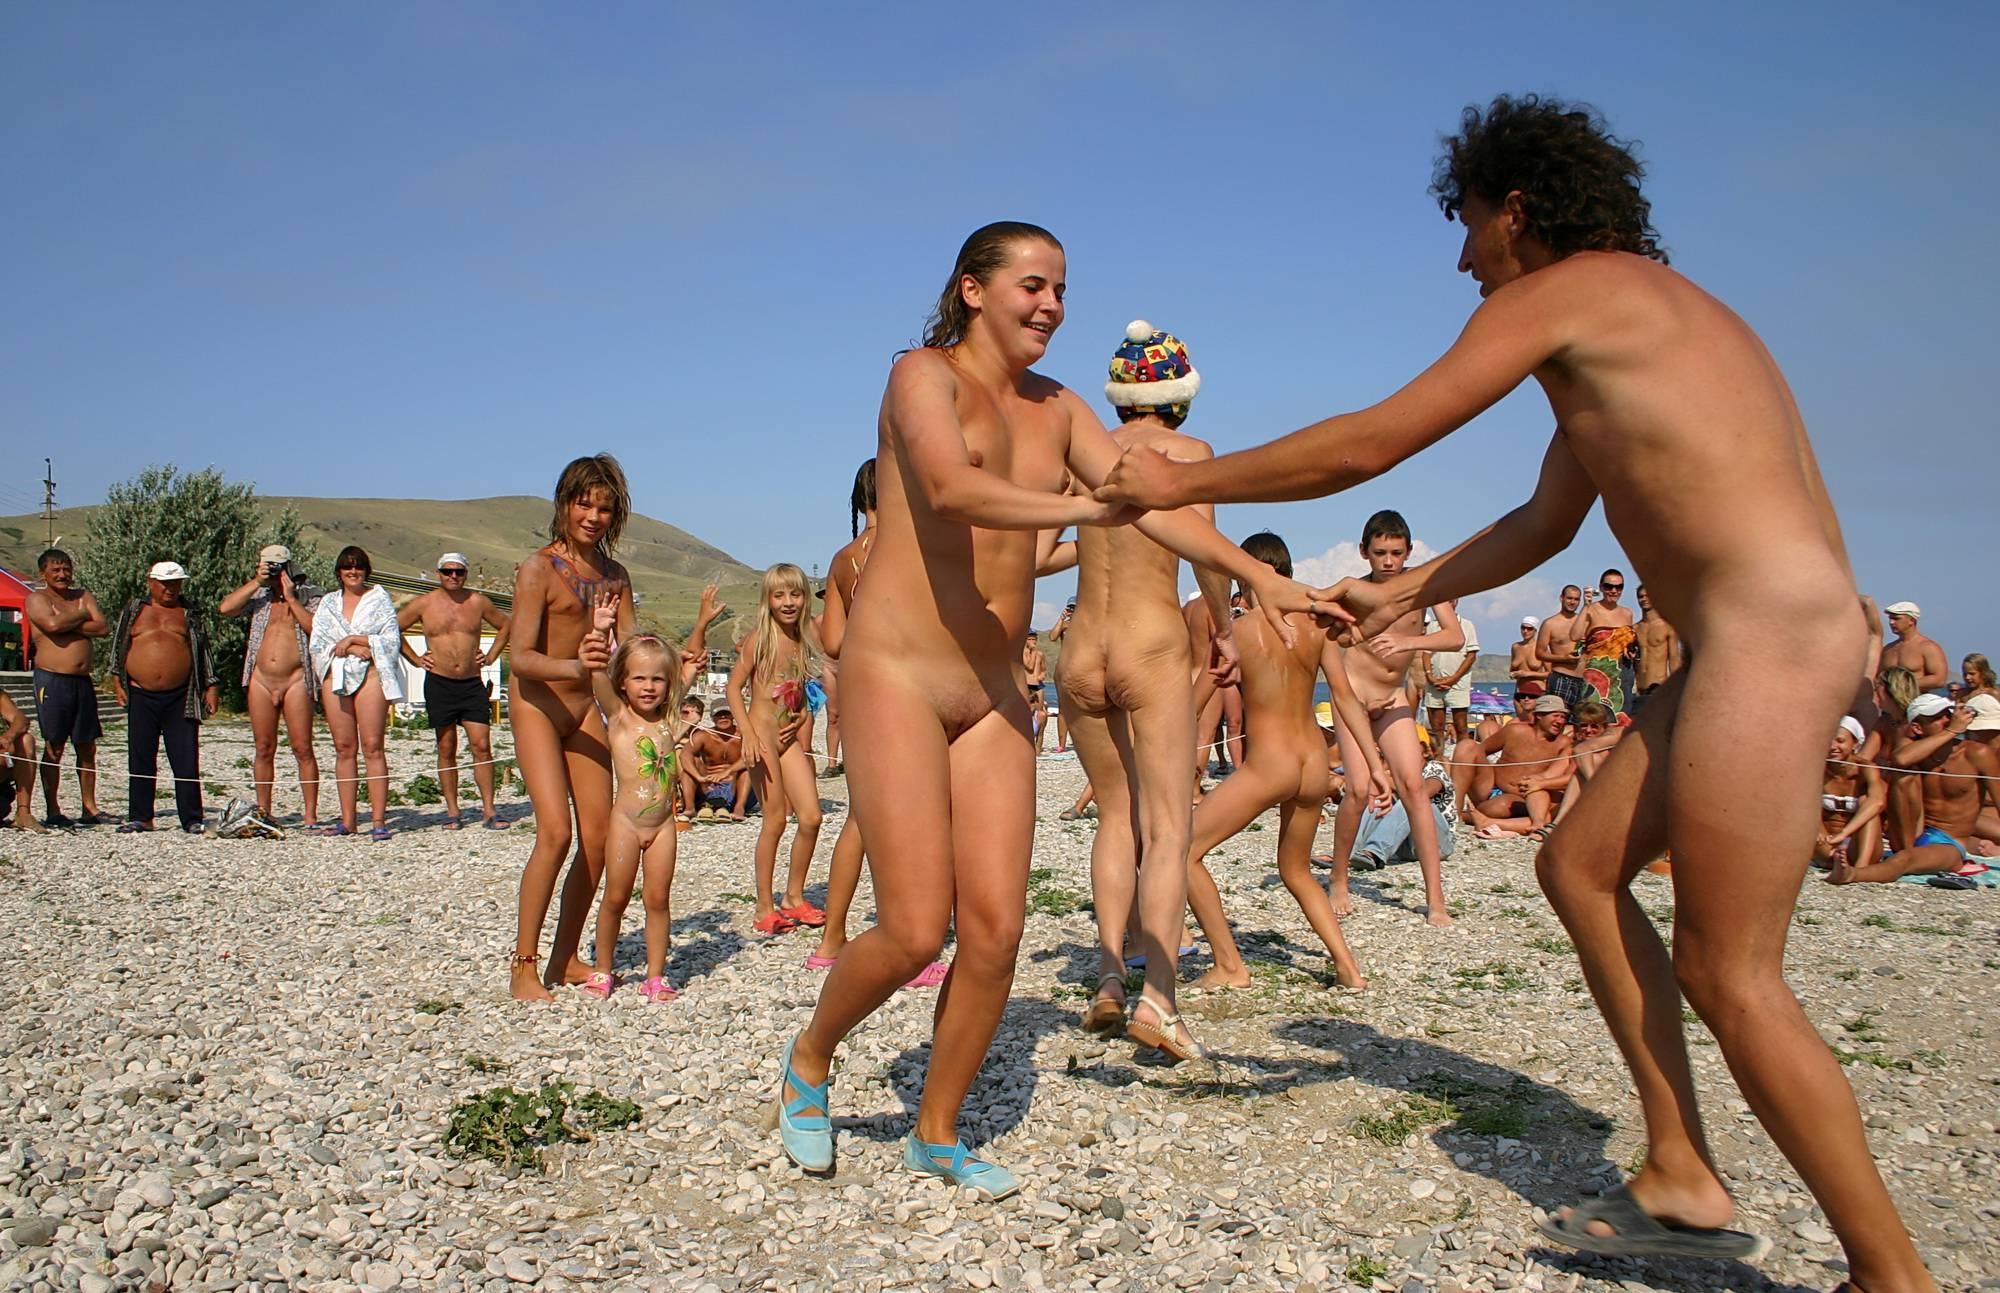 Purenudism Gallery-Hot Outdoor Dance Party - 2